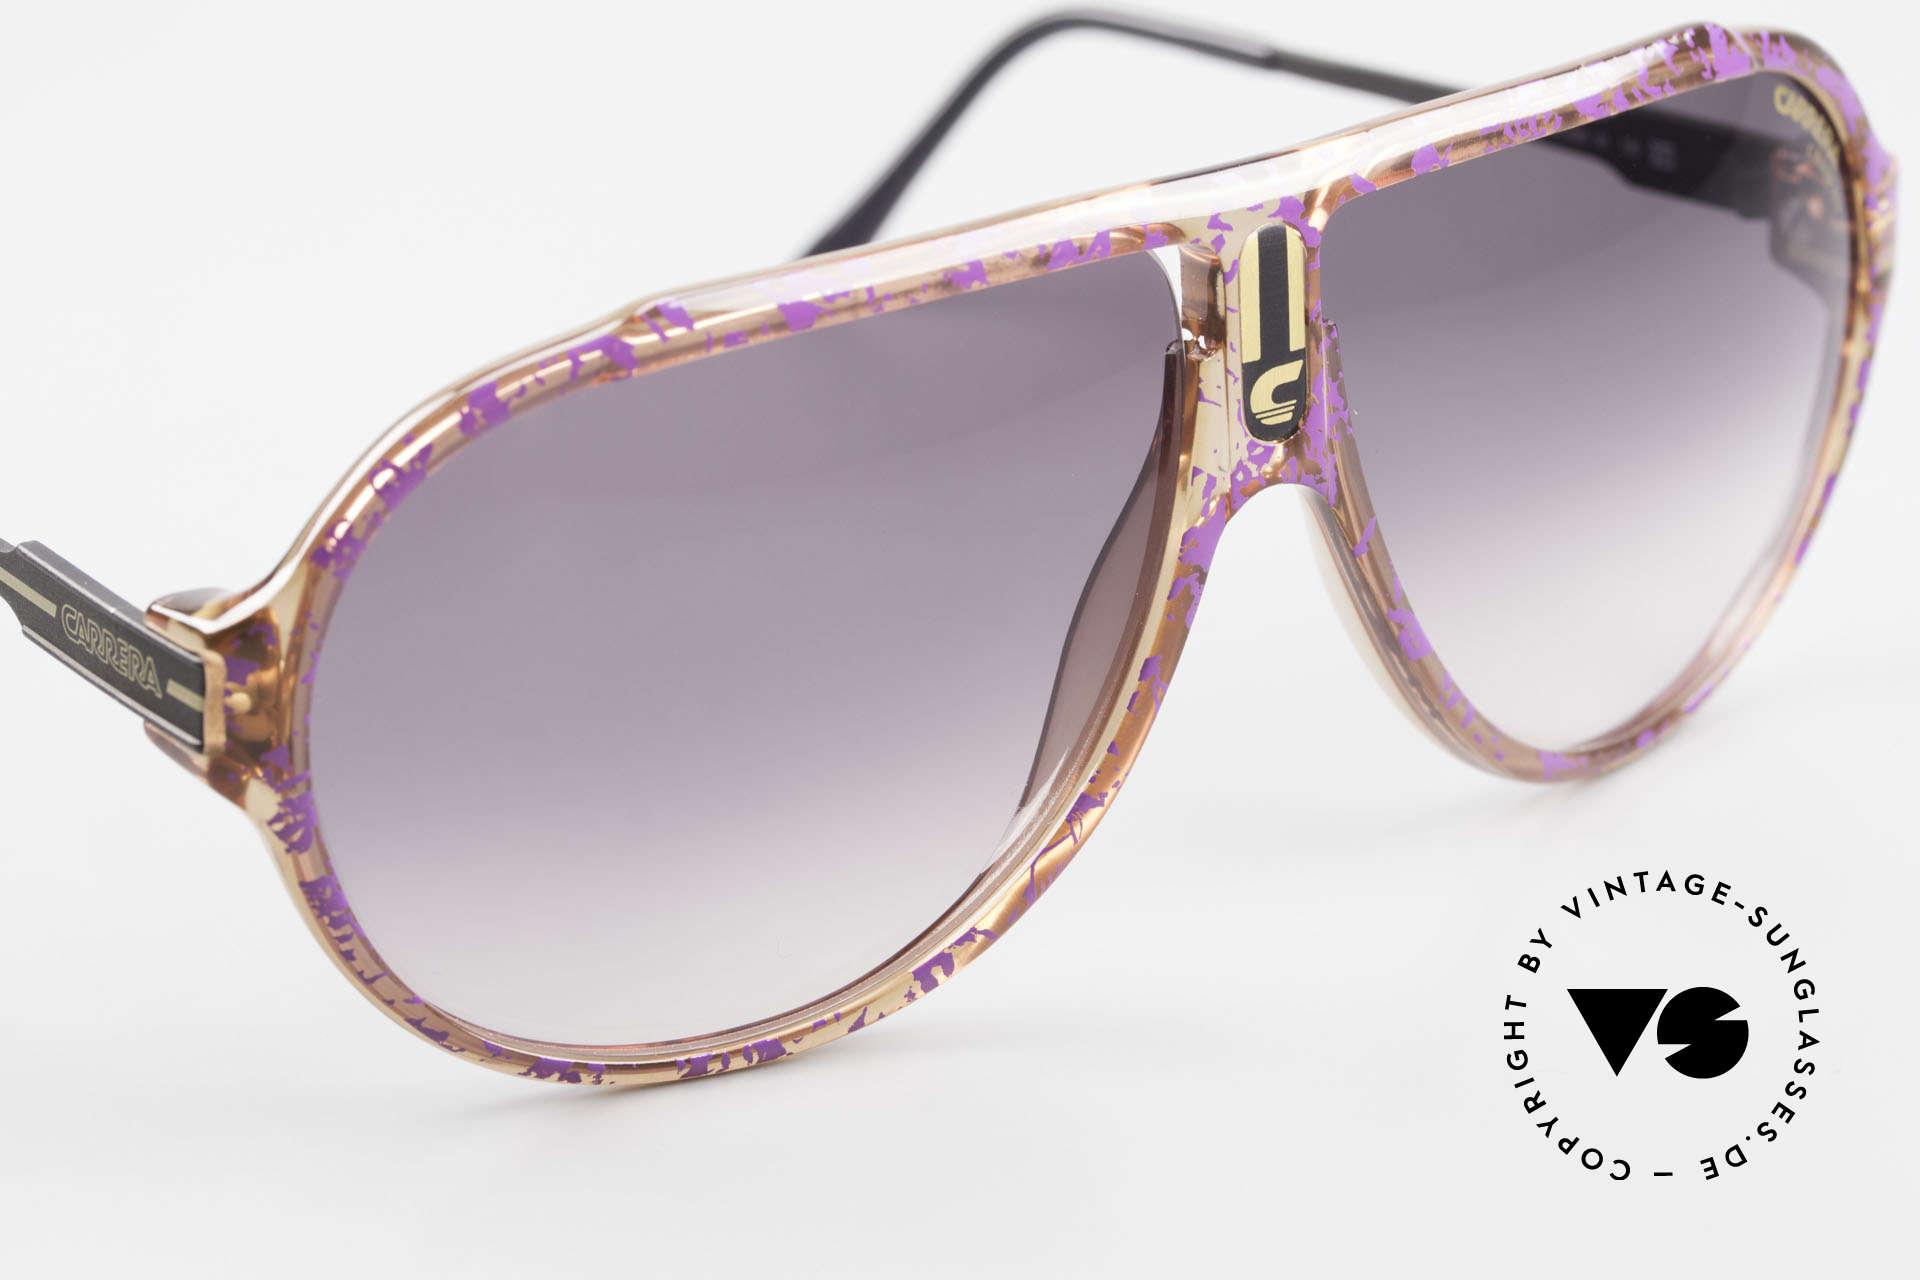 Carrera 5565 Alte Vintage 80er Sonnenbrille, KEINE Retro-Sonnenbrille; ein 35 J. altes ORIGINAL!, Passend für Herren und Damen